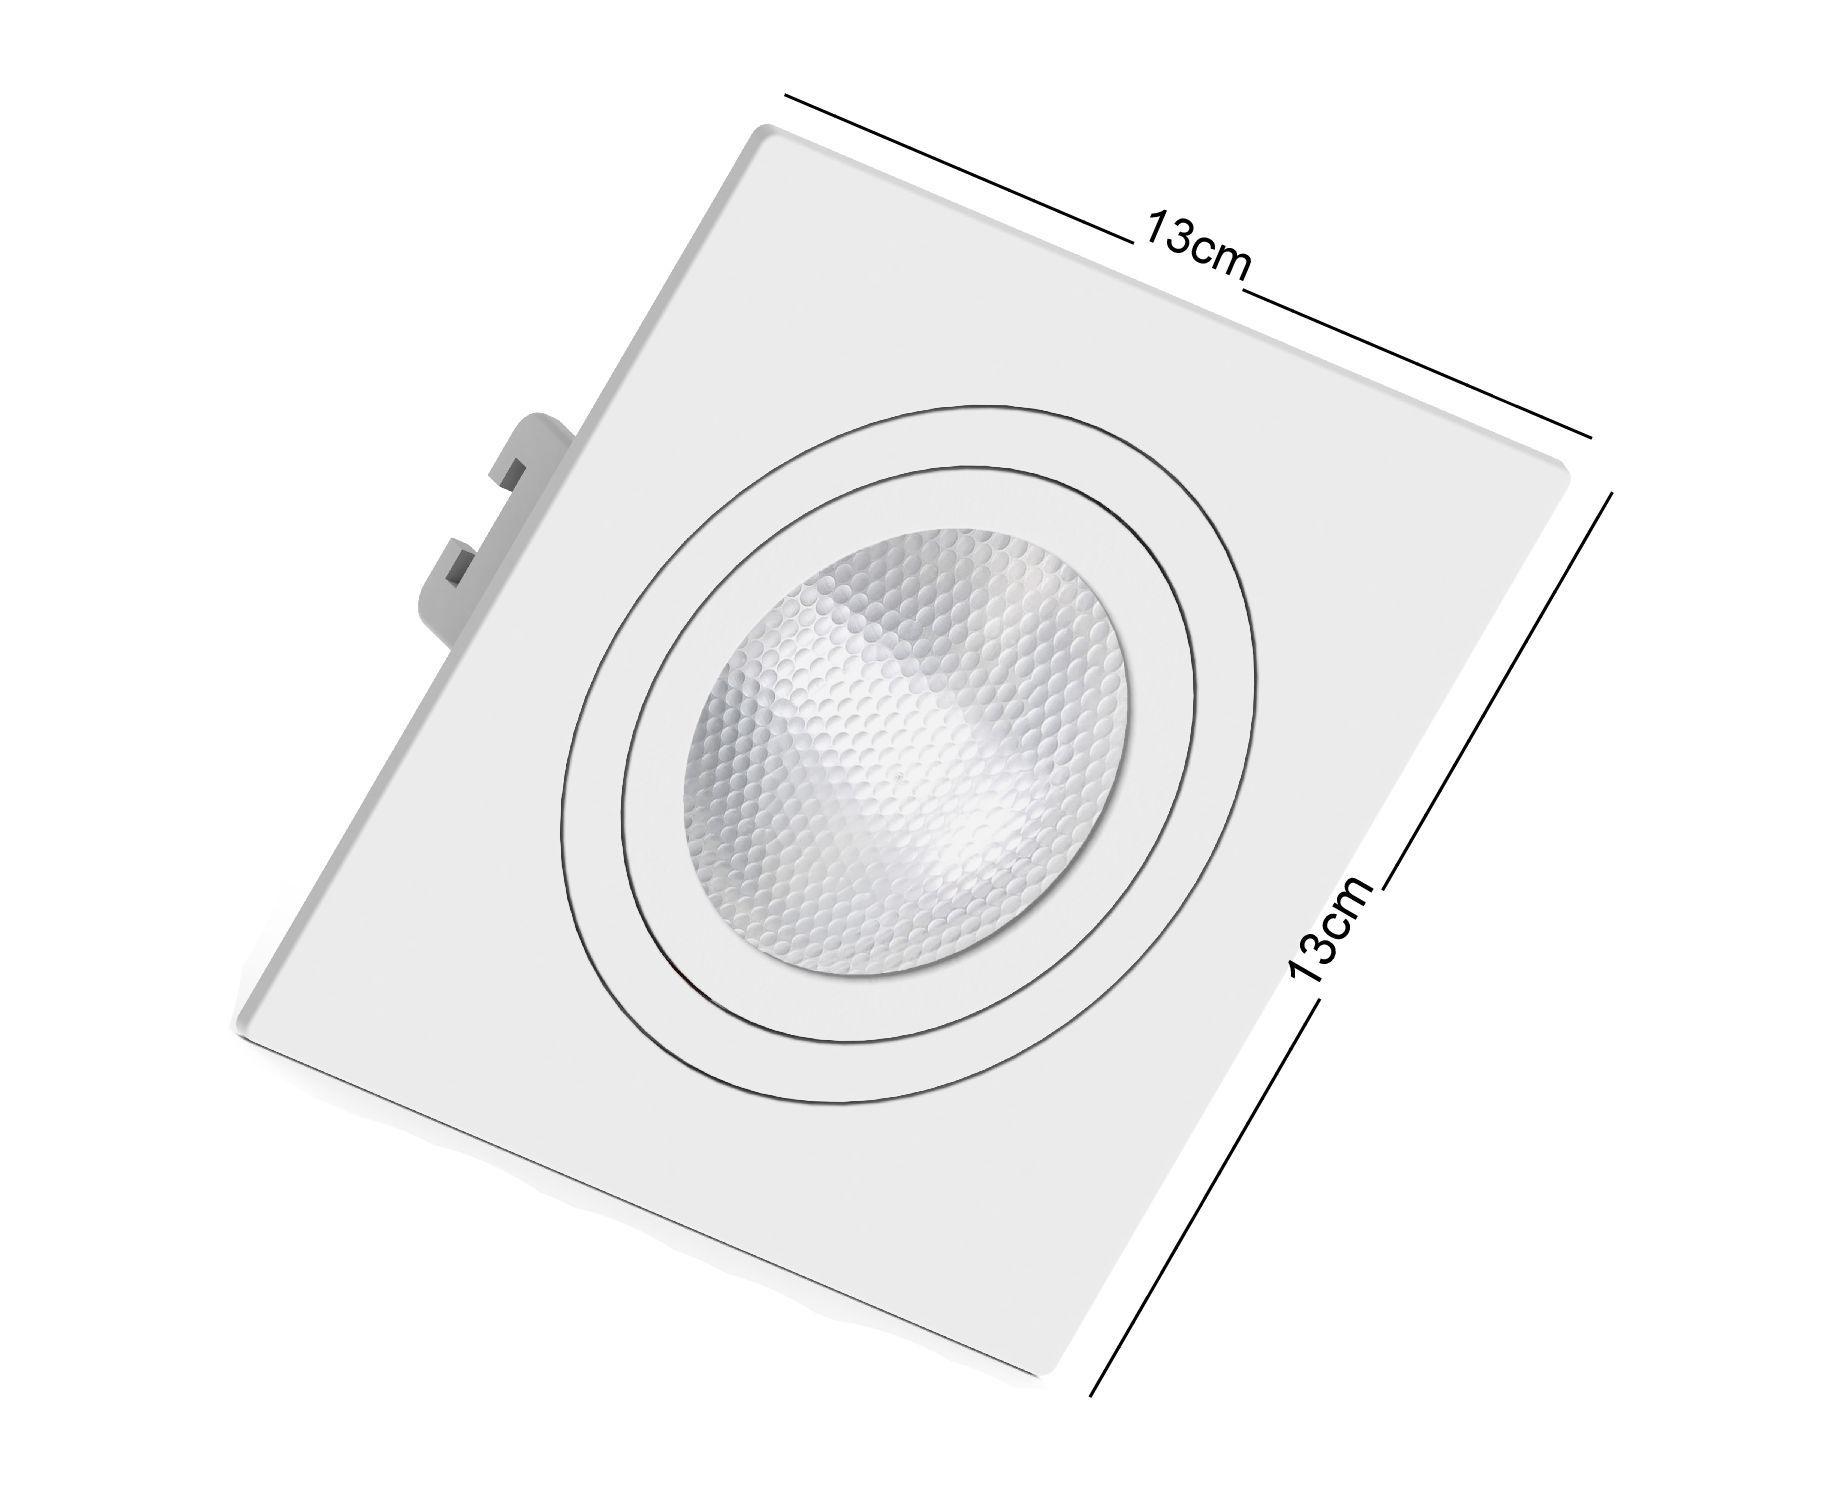 Spot de Embutir Par20 Quadrado Orientável Face Plana Branco